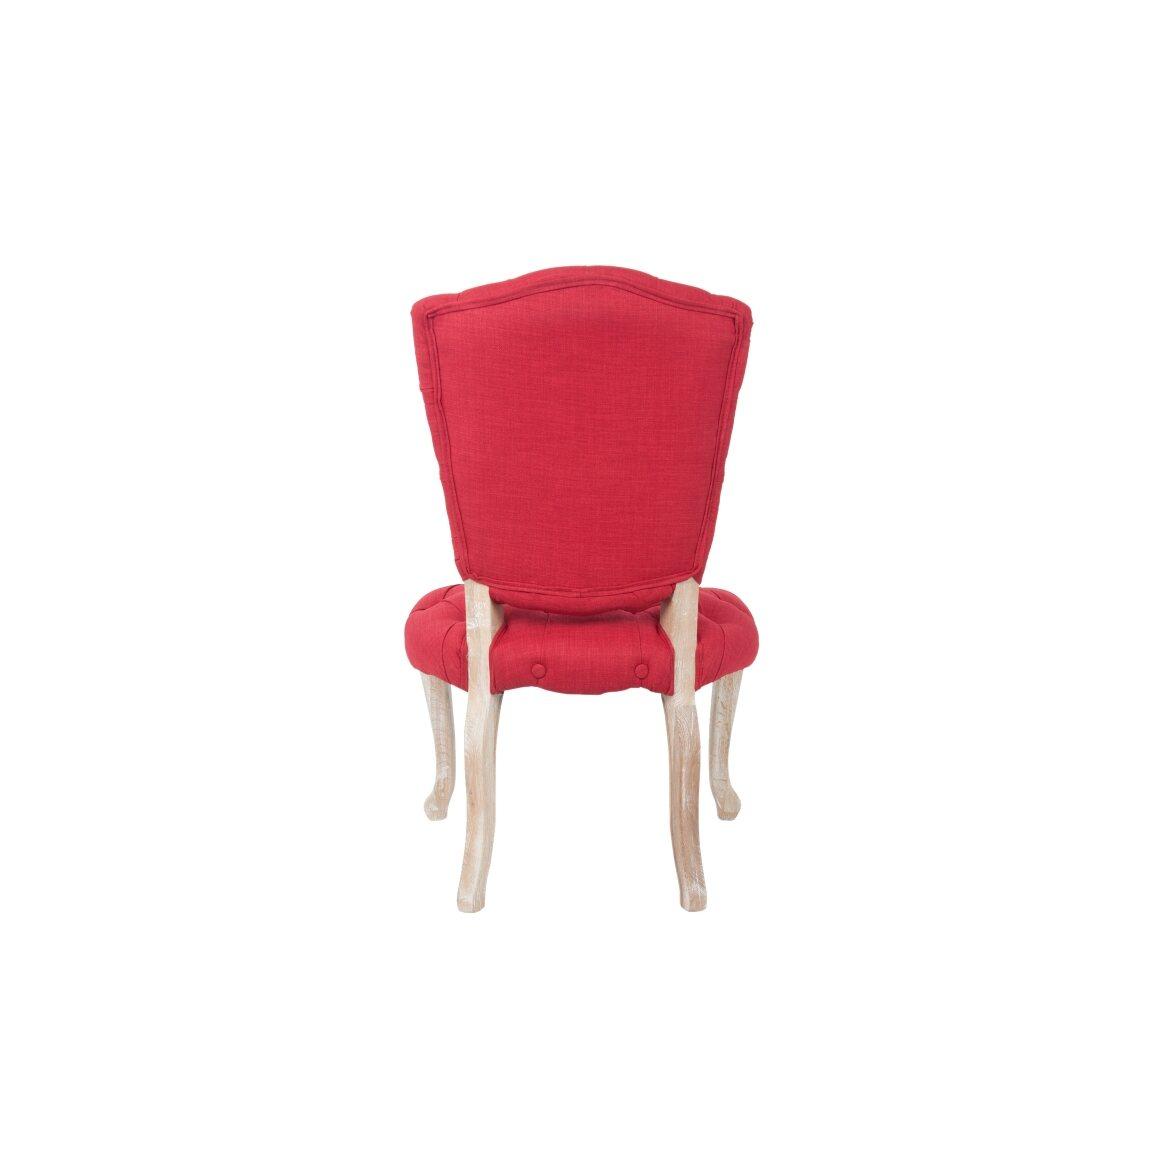 Стул Gamila red 3 | Обеденные стулья Kingsby